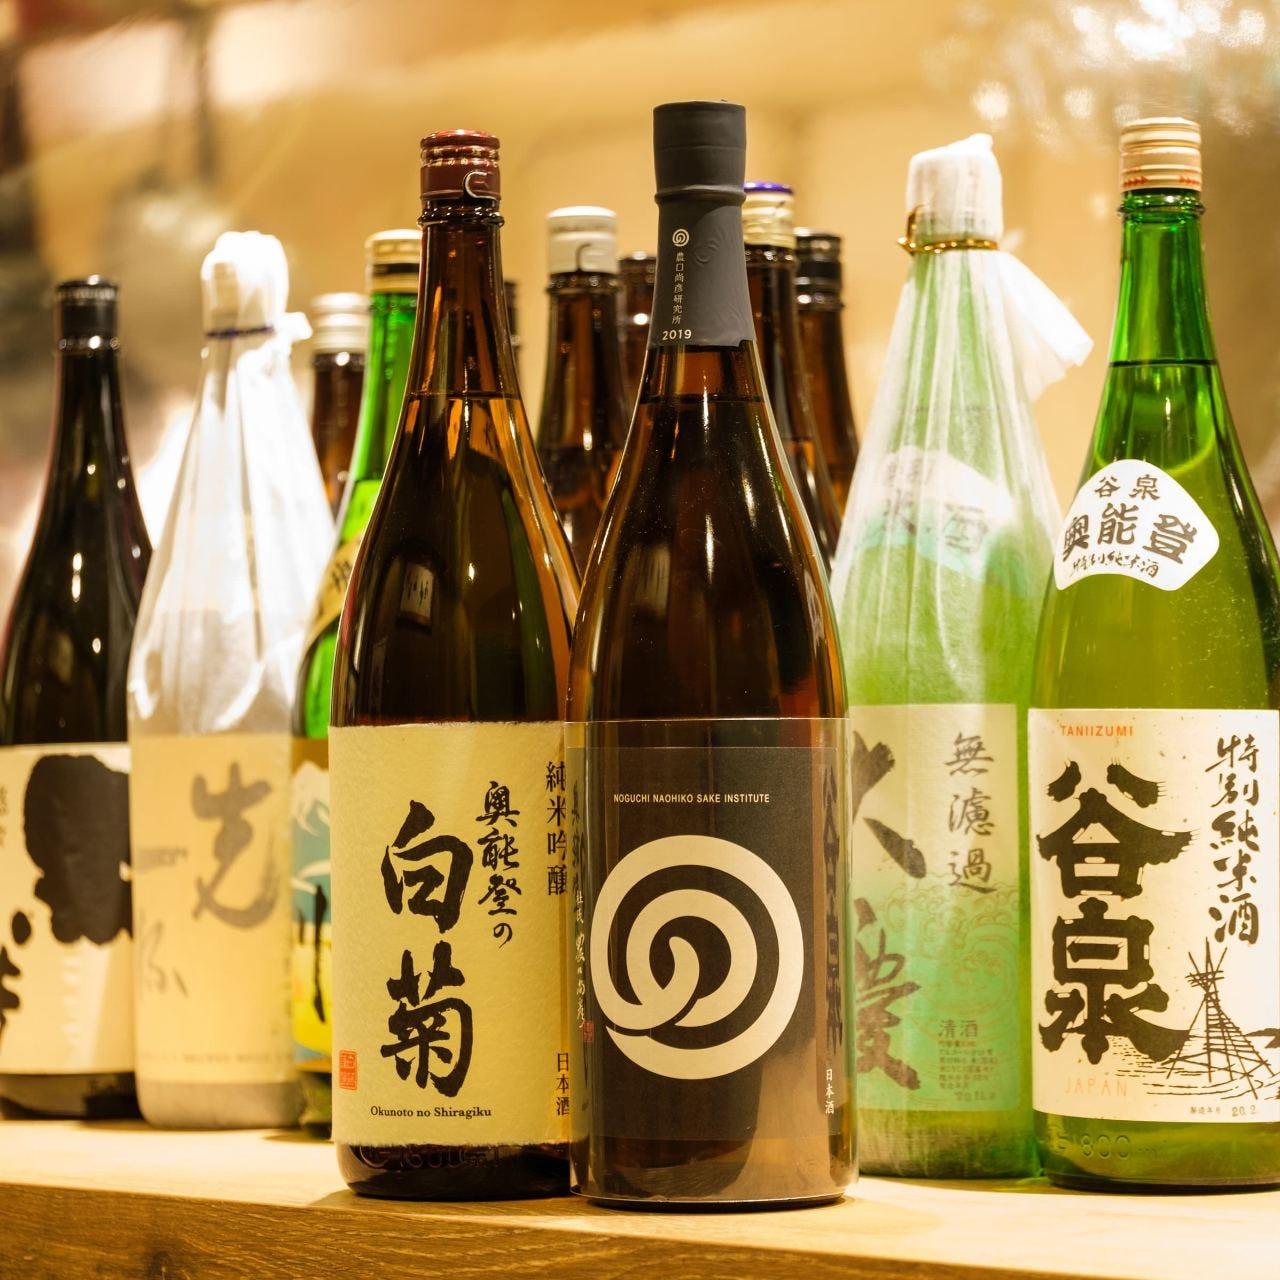 石川県の地酒をセルフで自由に楽しむ